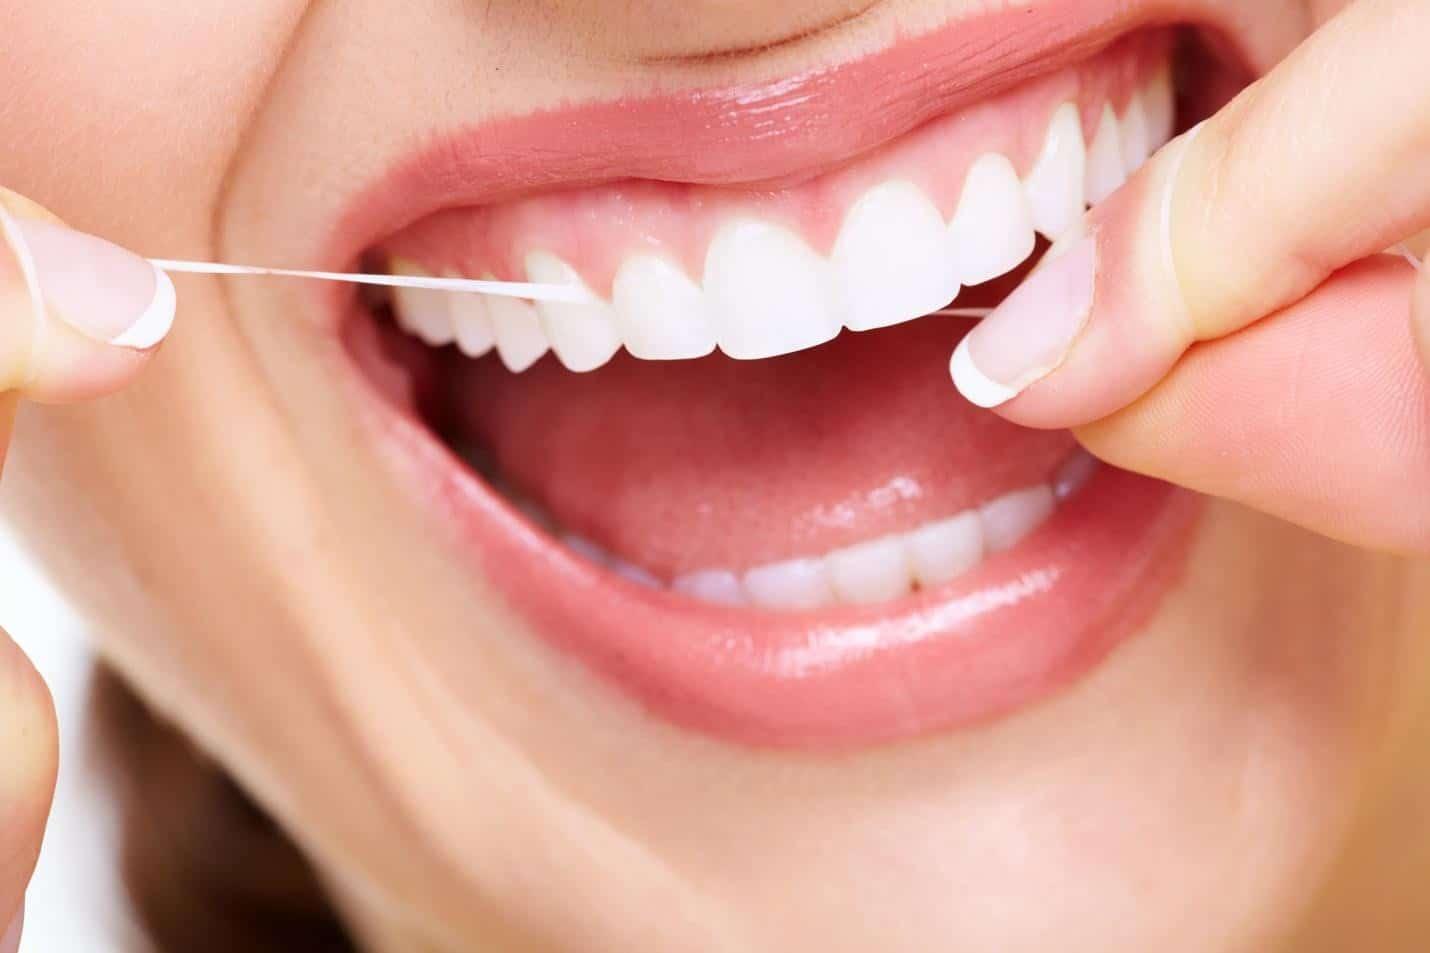 Cala del 30% il fatturato dei dentisti.<br> Tra crisi economica e mascherina obbligatoria all'aperto e al chiuso, gli italiani curano meno l'igiene orale